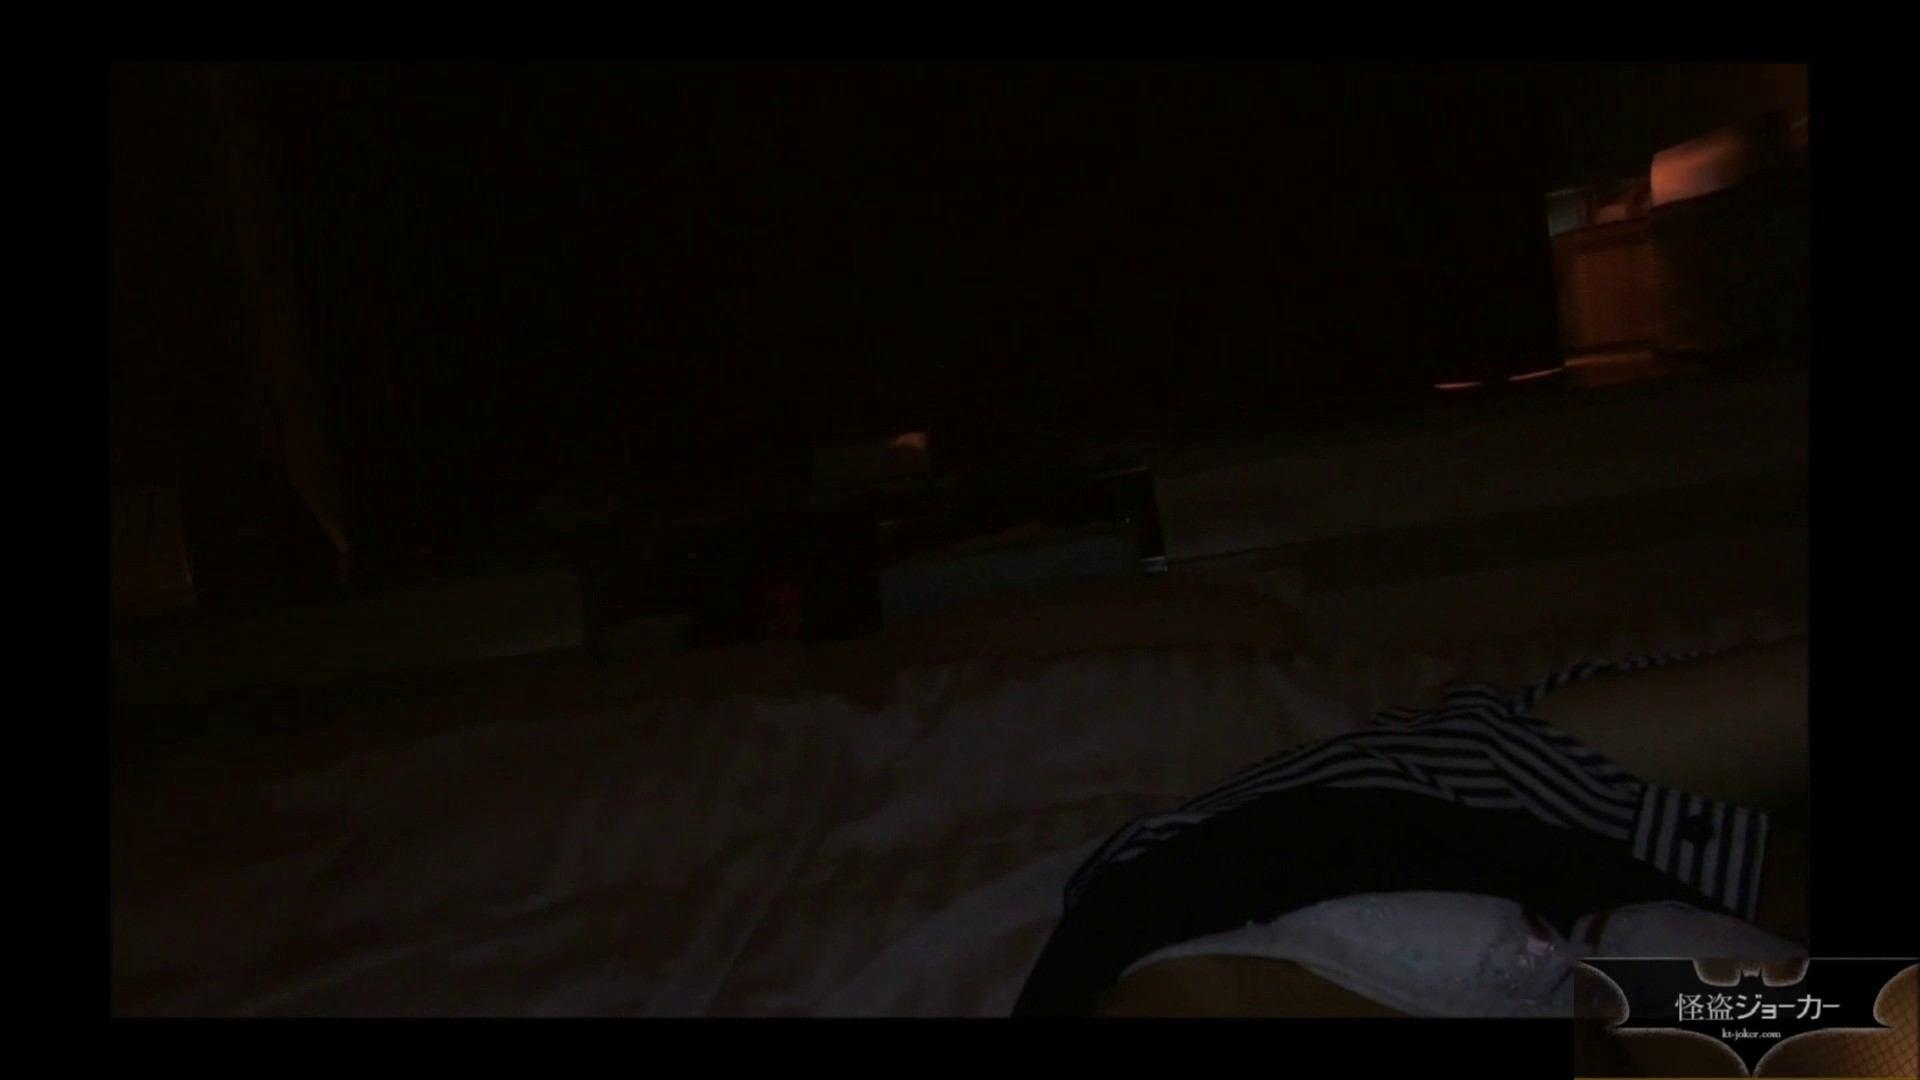 【未公開】vol.65 {黒髪美少女18歳}AIちゃん、連れ込み悪戯③ 悪戯 オマンコ動画キャプチャ 92枚 20